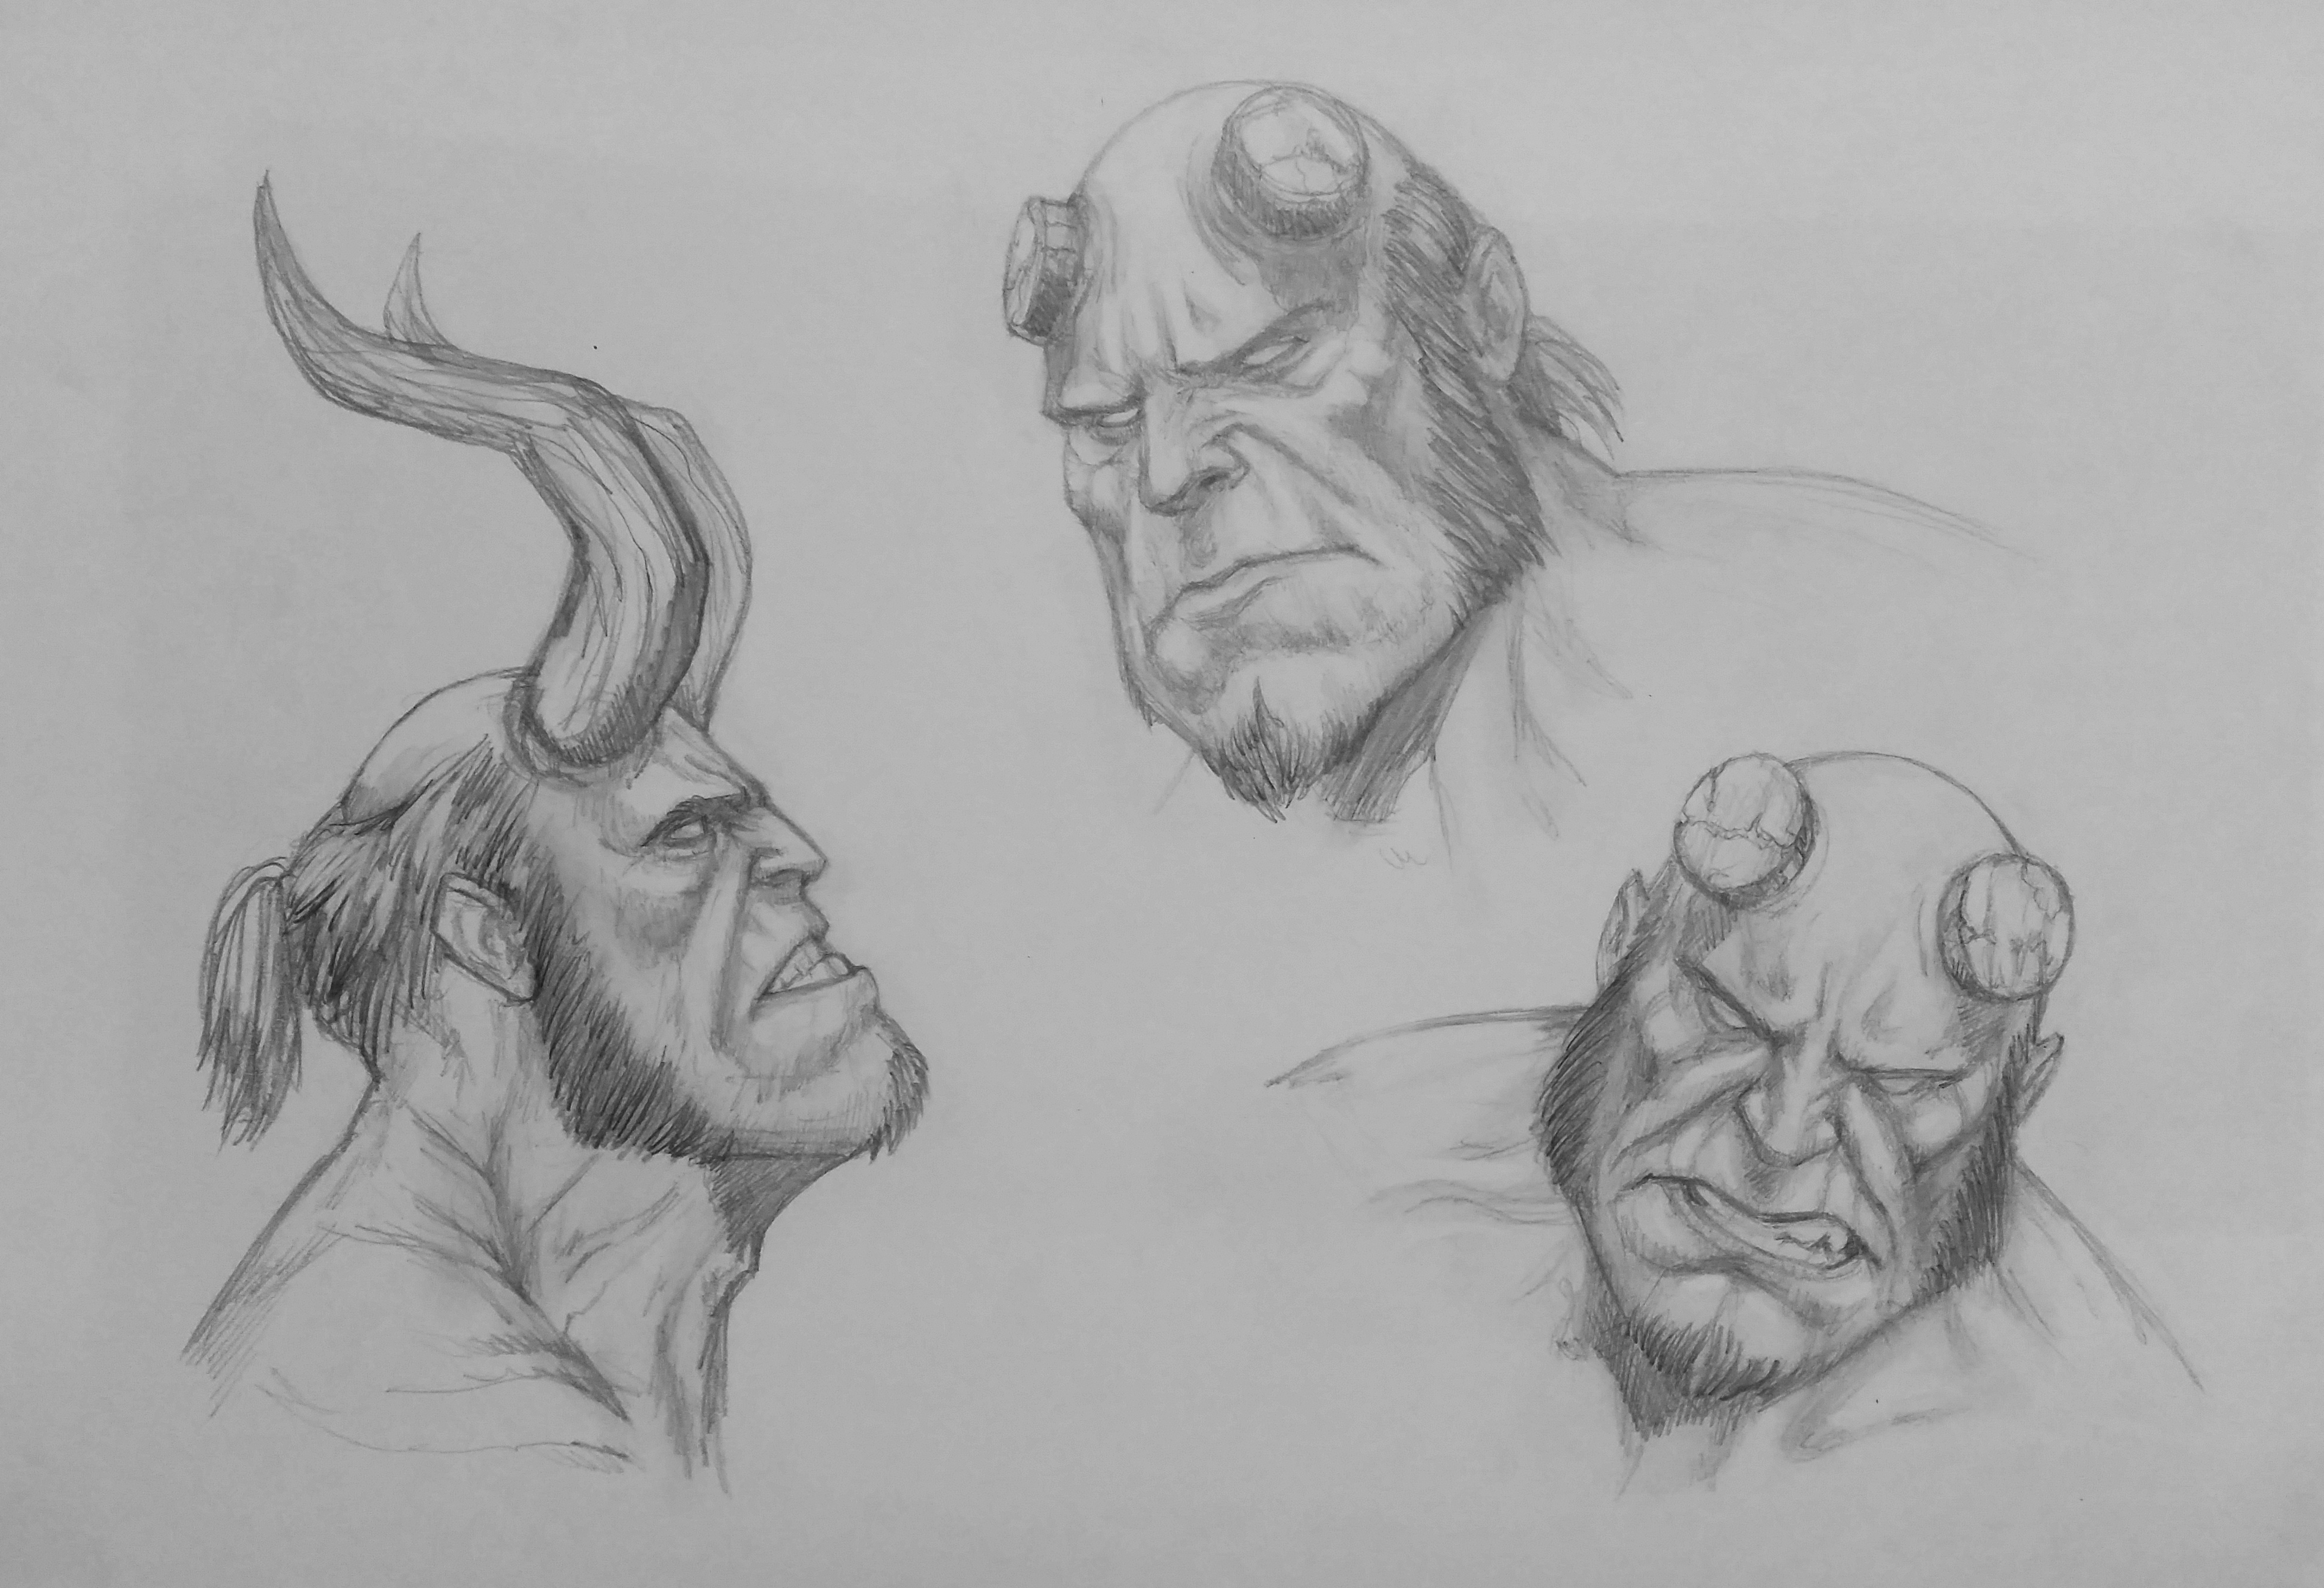 Hellboy headsketch